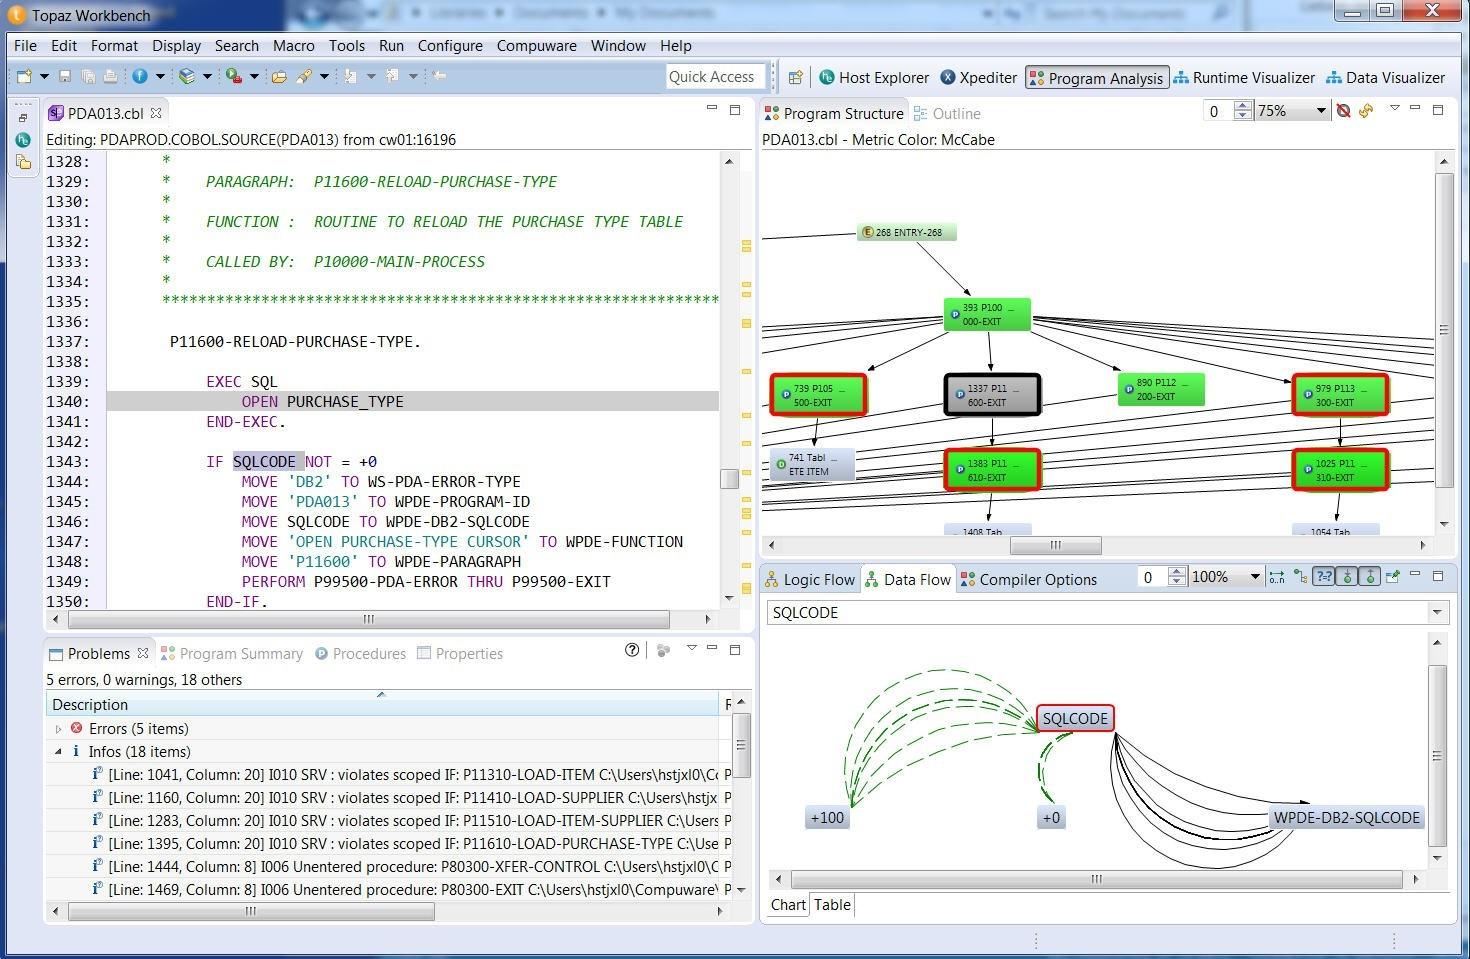 compuware topaz screenshot Multivendor Event Management for Mainframe System Health